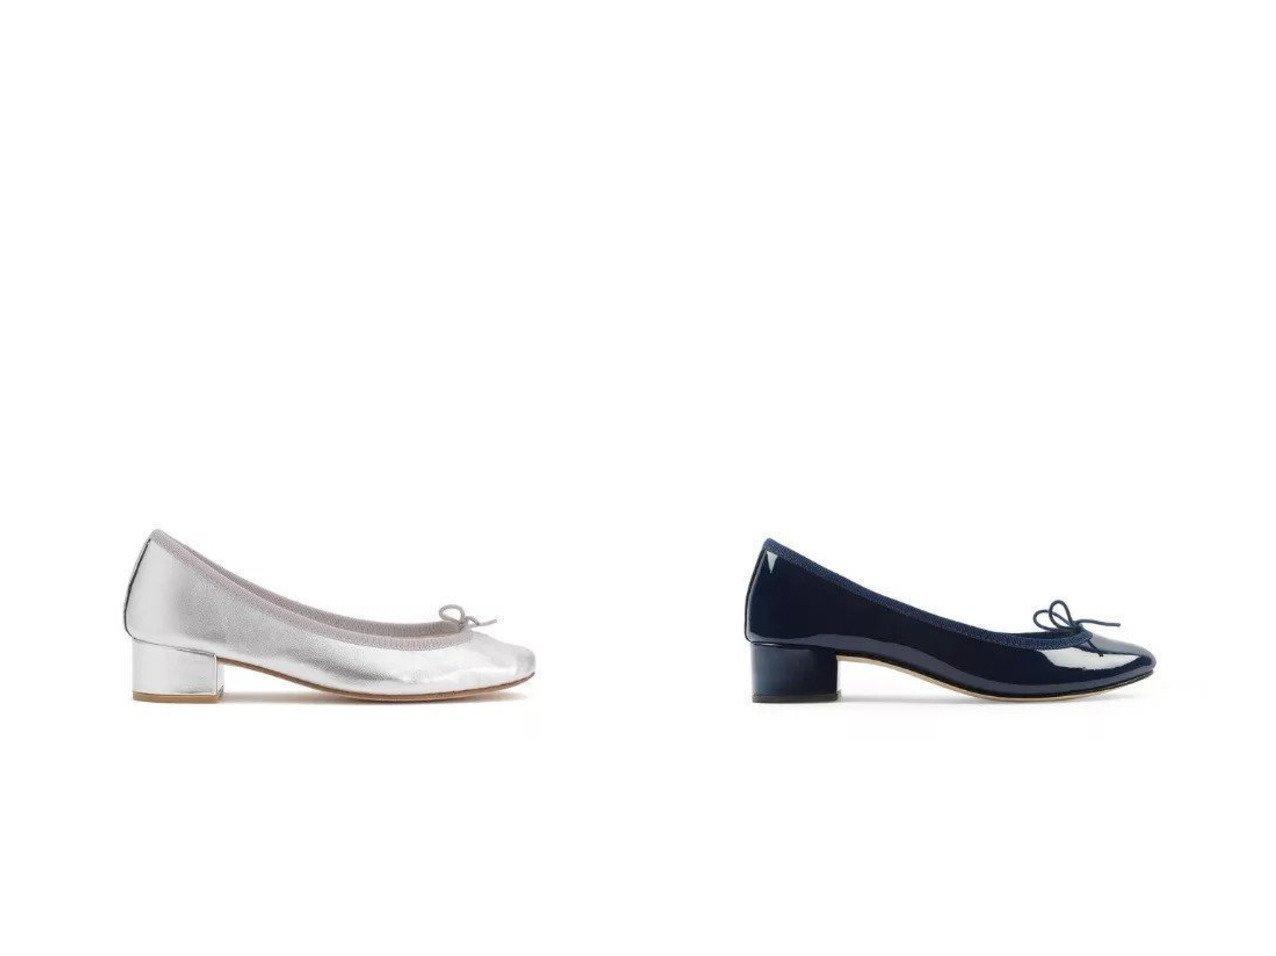 【repetto/レペット】のCamille Ballerinas&Camille Ballerinas 【シューズ・靴】おすすめ!人気、トレンド・レディースファッションの通販   おすすめで人気の流行・トレンド、ファッションの通販商品 インテリア・家具・メンズファッション・キッズファッション・レディースファッション・服の通販 founy(ファニー) https://founy.com/ ファッション Fashion レディースファッション WOMEN エレガント シューズ バレエ フィット フラット モダン インソール キャンバス グログラン レース |ID:crp329100000058846